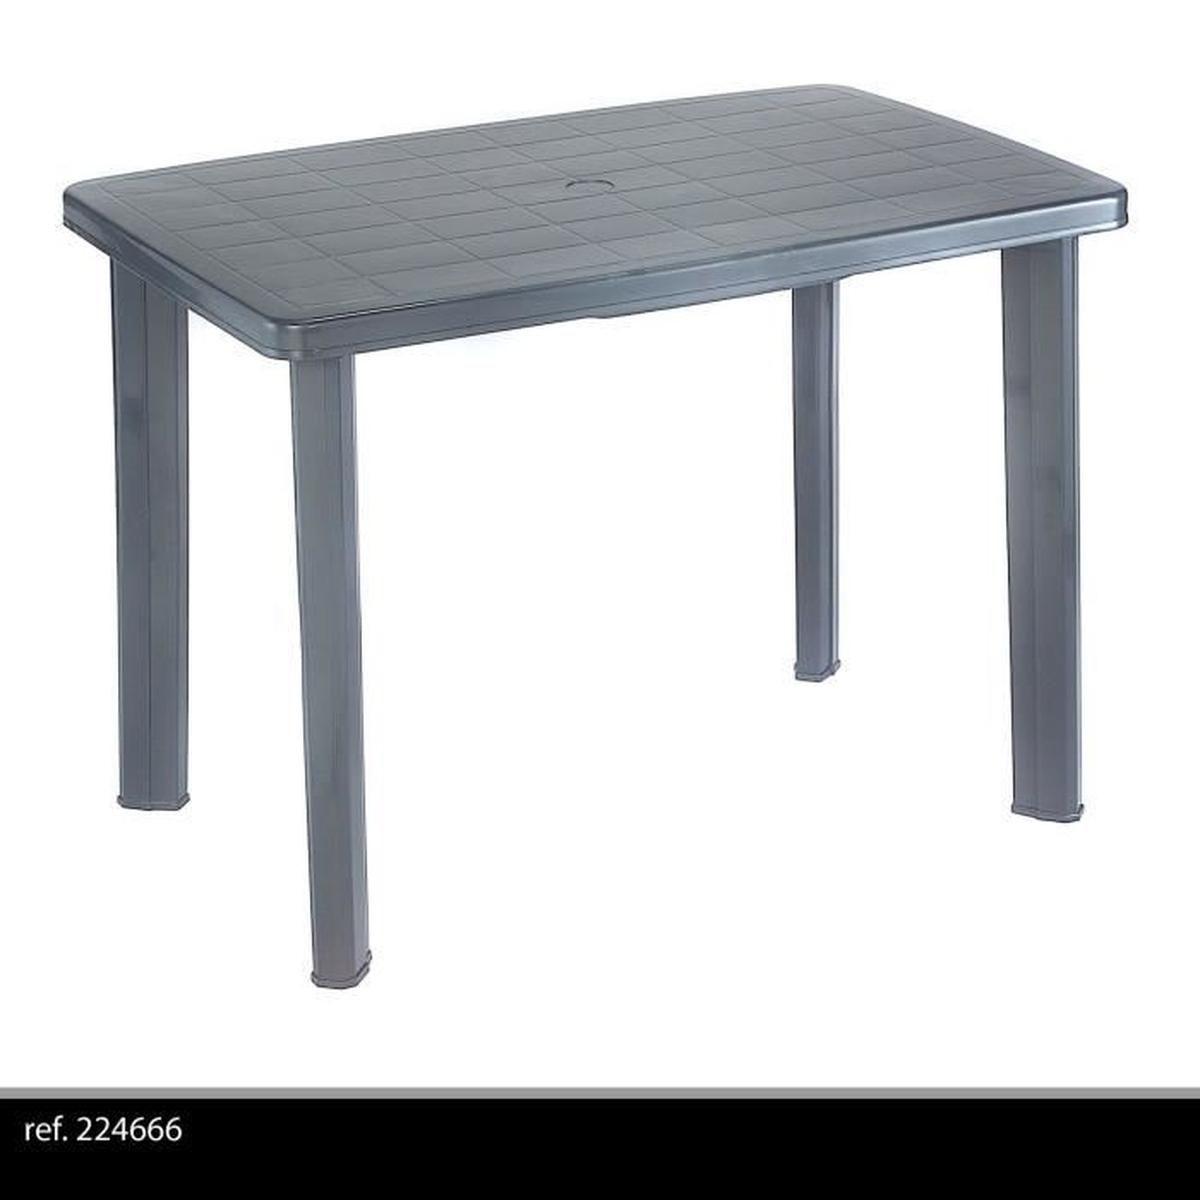 Table De Jardin Démontable En Plastique Pour Camping Ou Repas En Exterieur  Grise 100X70 Emplacement Parasol destiné Table De Jardin C Discount